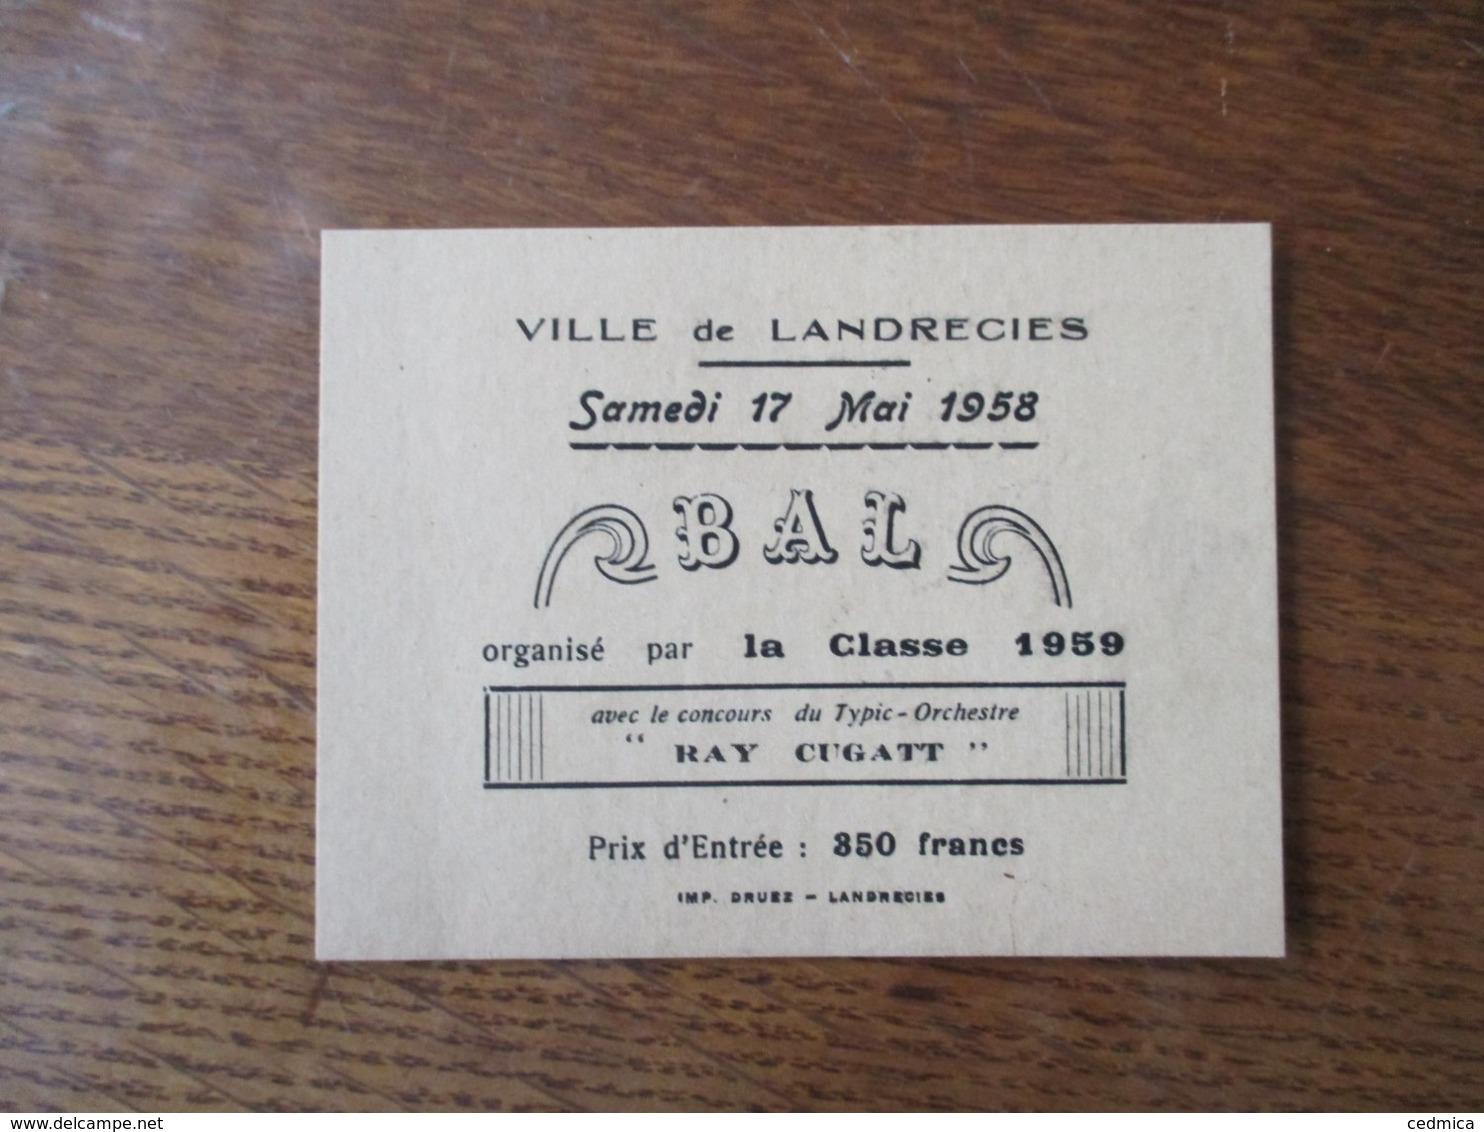 """VILLE DE LANDRECIES SAMEDI 17 MAI 1958 BAL ORGANISE PAR LA CLASSE 1959 AVEC LE CONCOURS DU TYPIC-ORCHESTRE """"RAY CIGATT"""" - Tickets D'entrée"""